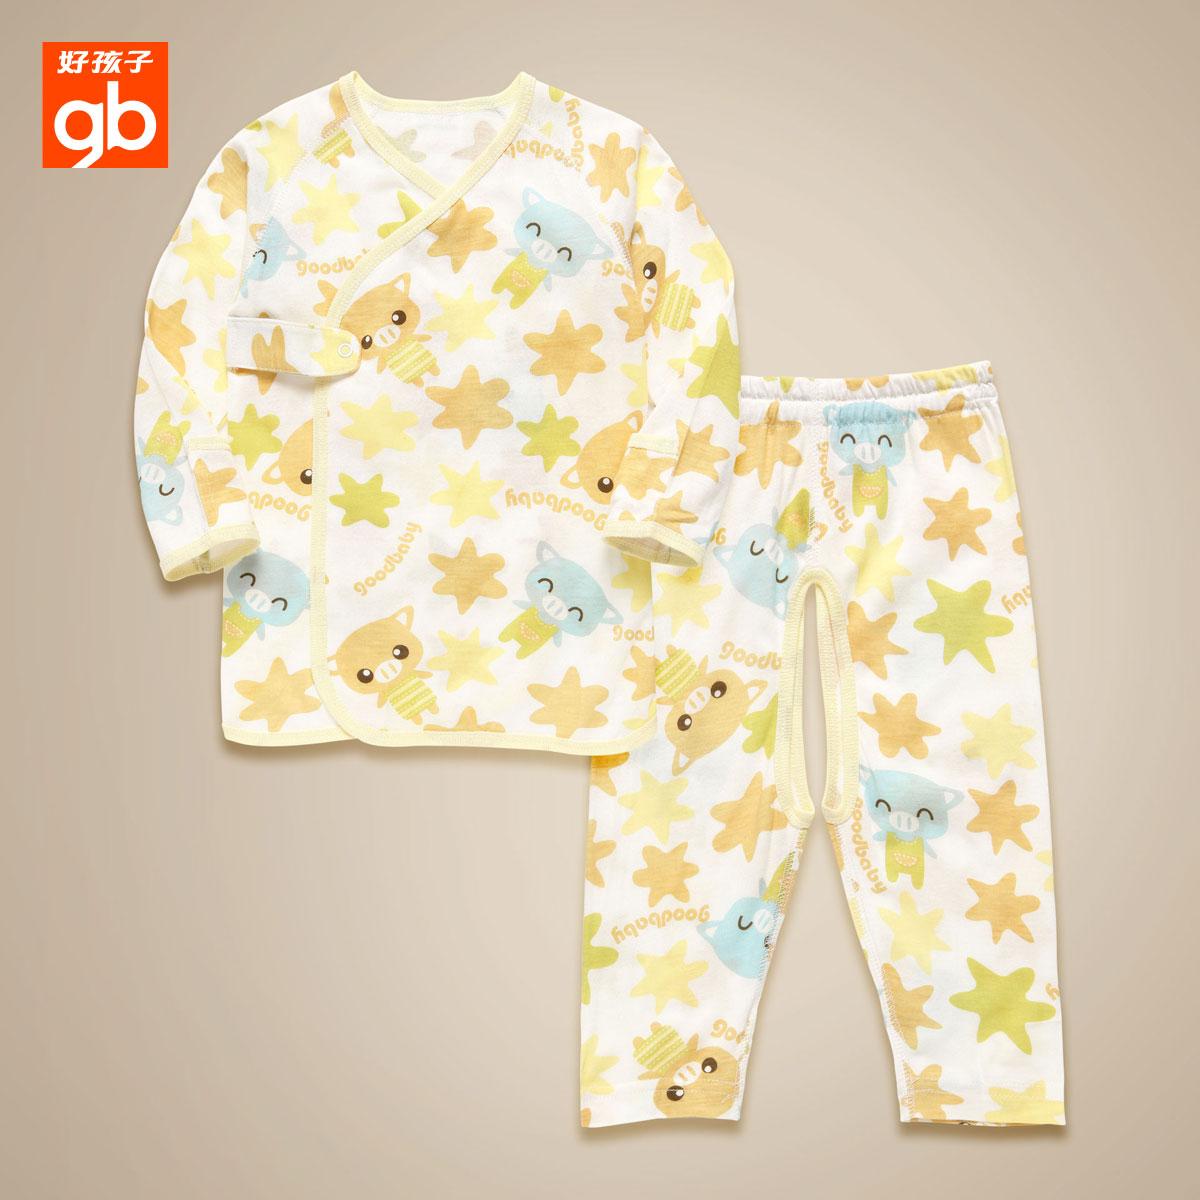 детский костюм Goodbaby 476959 13565B0906 Хлопок (95 и выше) Весна-осень % Для молодых мужчин